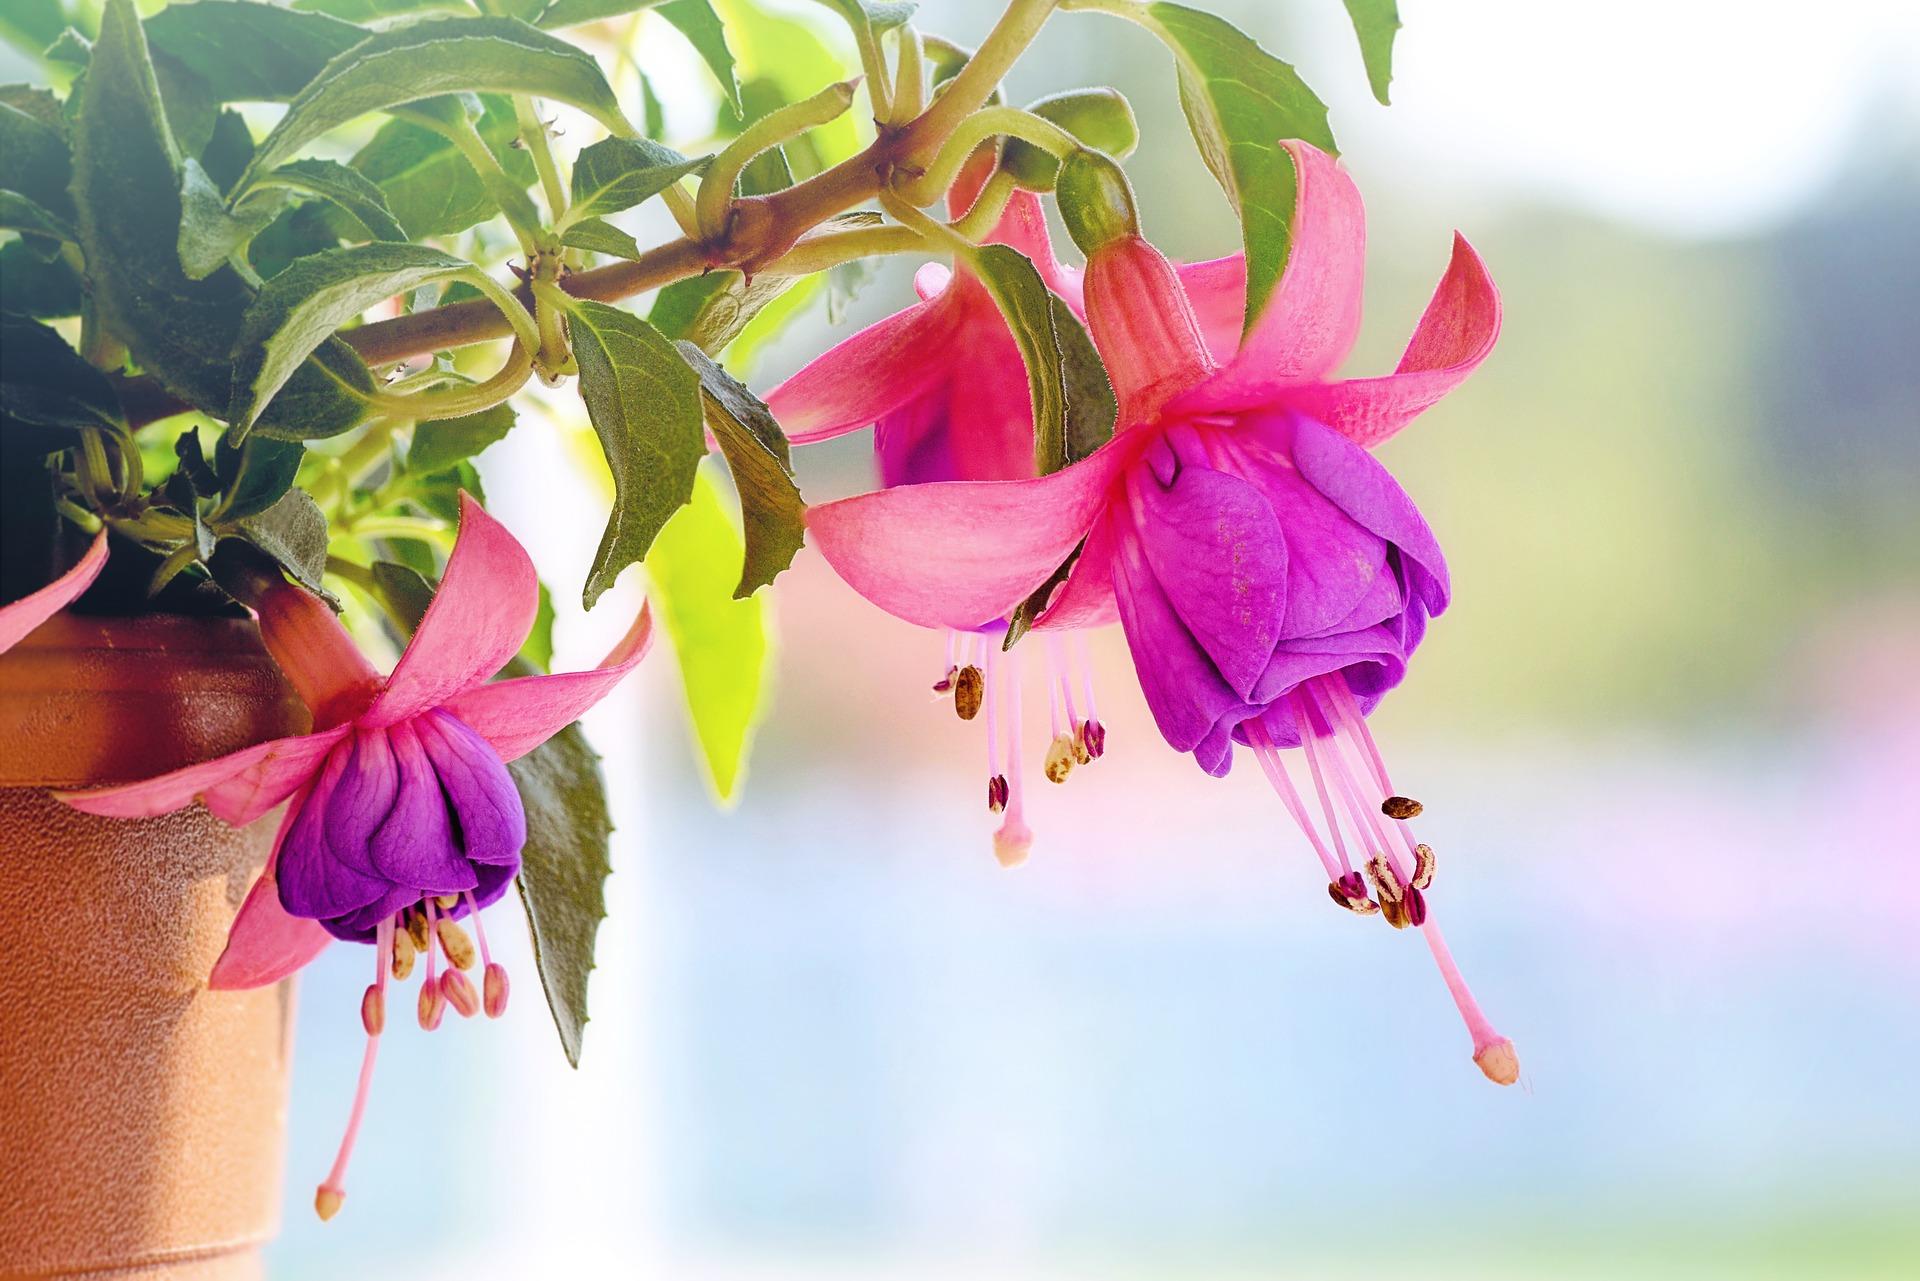 Fuchsia - Hortus Focus